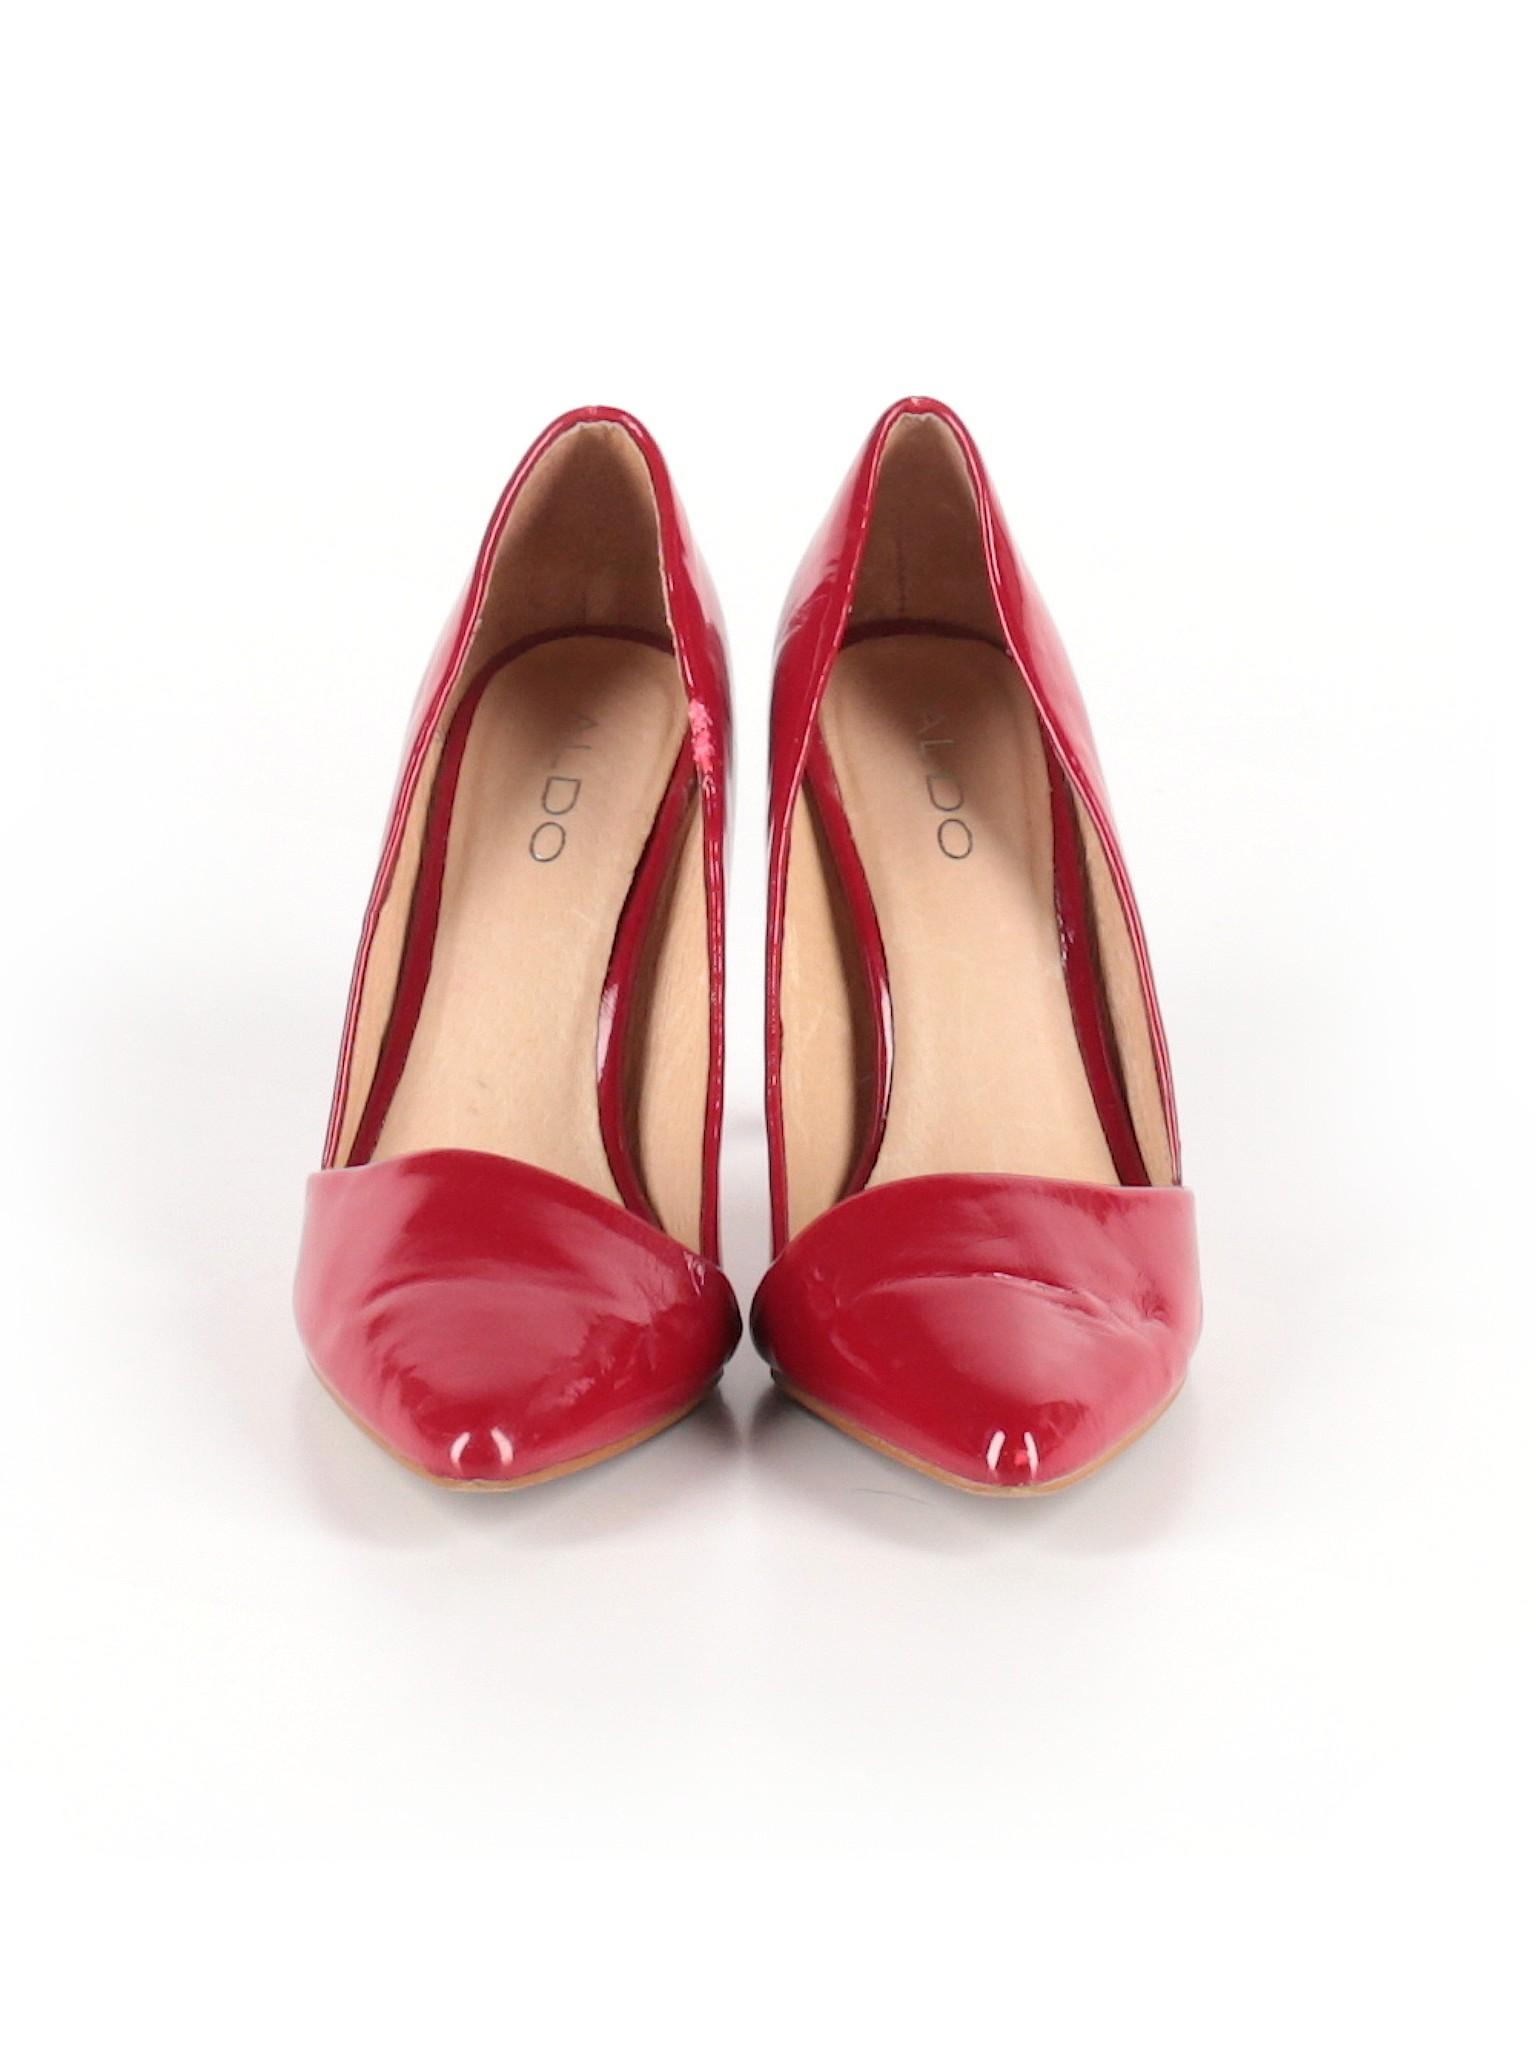 Boutique Heels promotion promotion Aldo Boutique RvW5wSqggn